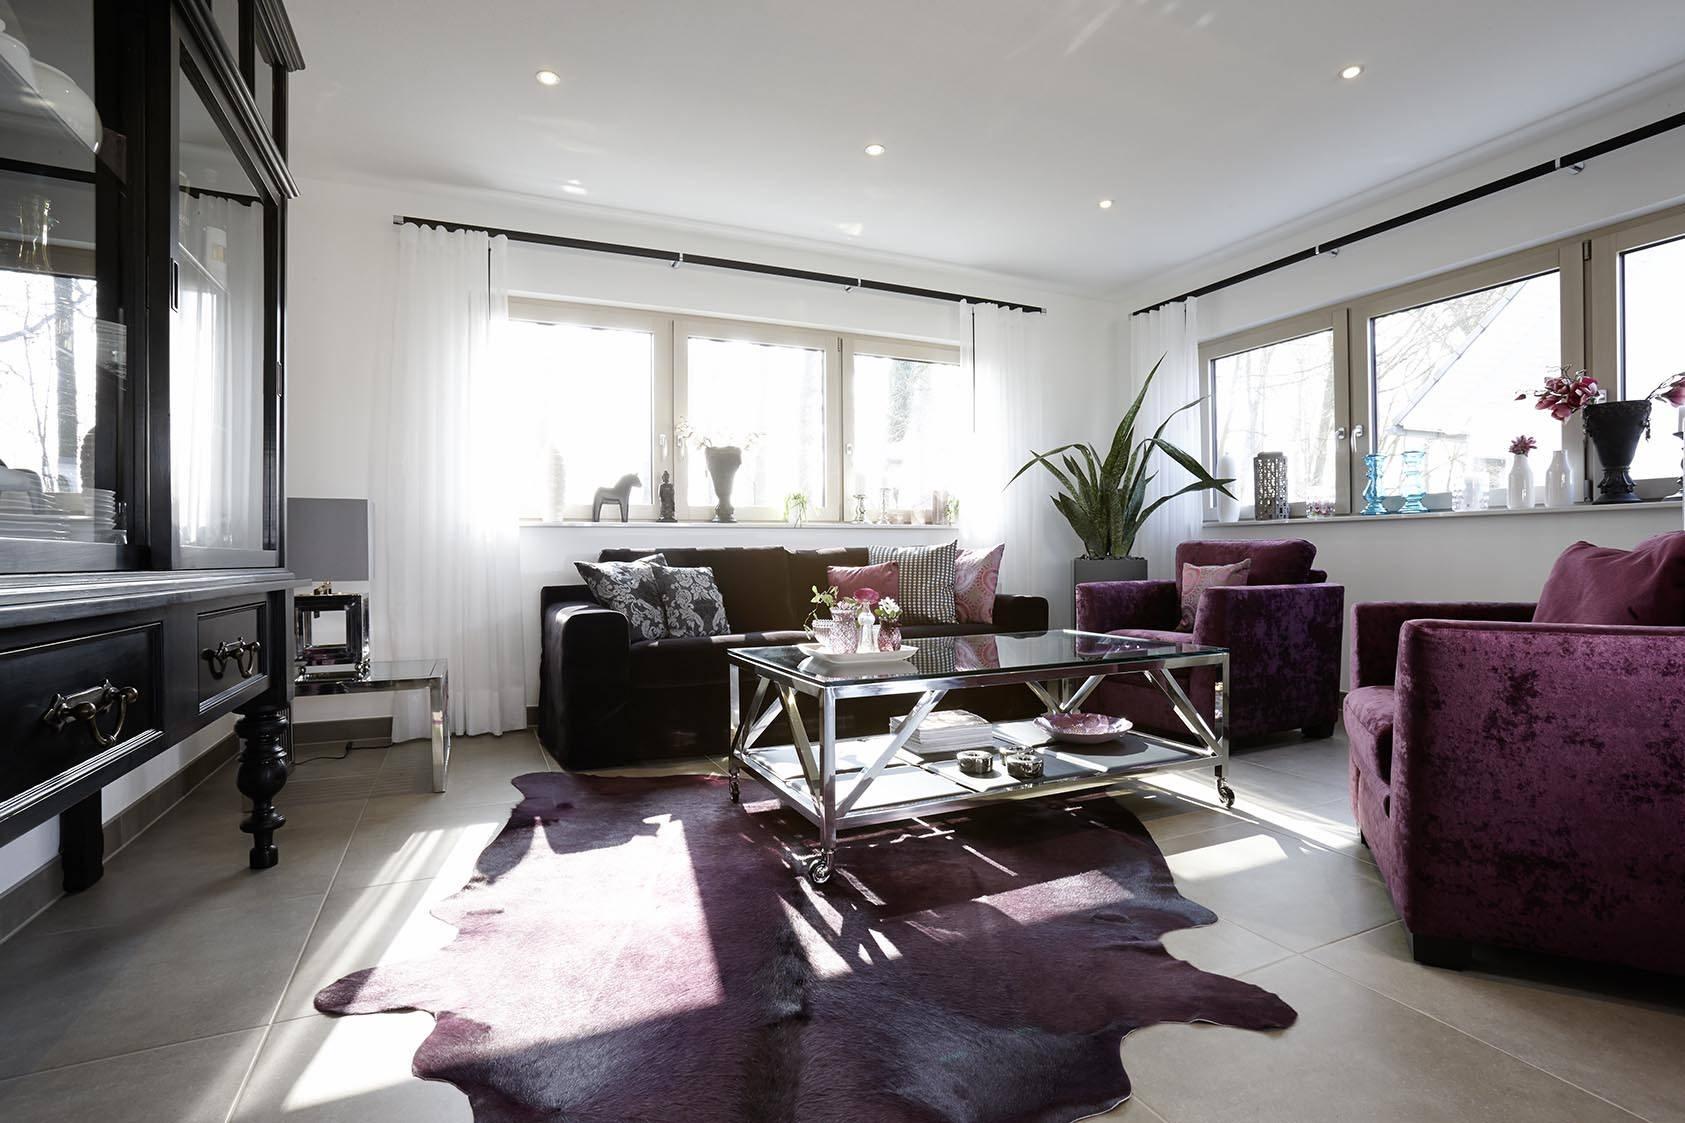 neuer klassiker mit faszinierenden details besserhaushalten. Black Bedroom Furniture Sets. Home Design Ideas